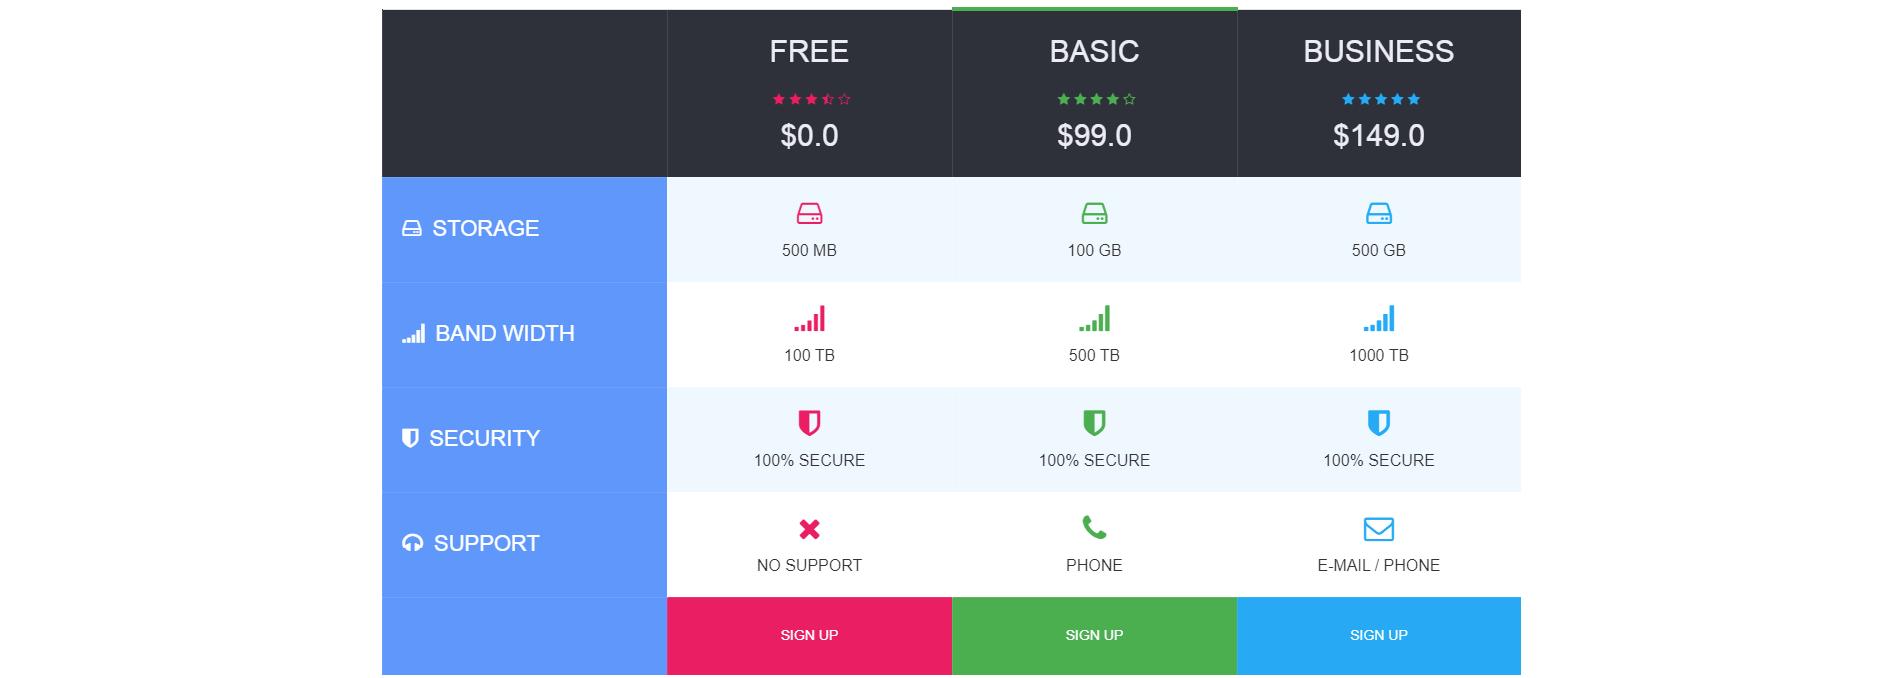 Pricing table(bảng giá dịch vụ) xây dựng bằng HTML, CSS và Bootstrap Phần 2